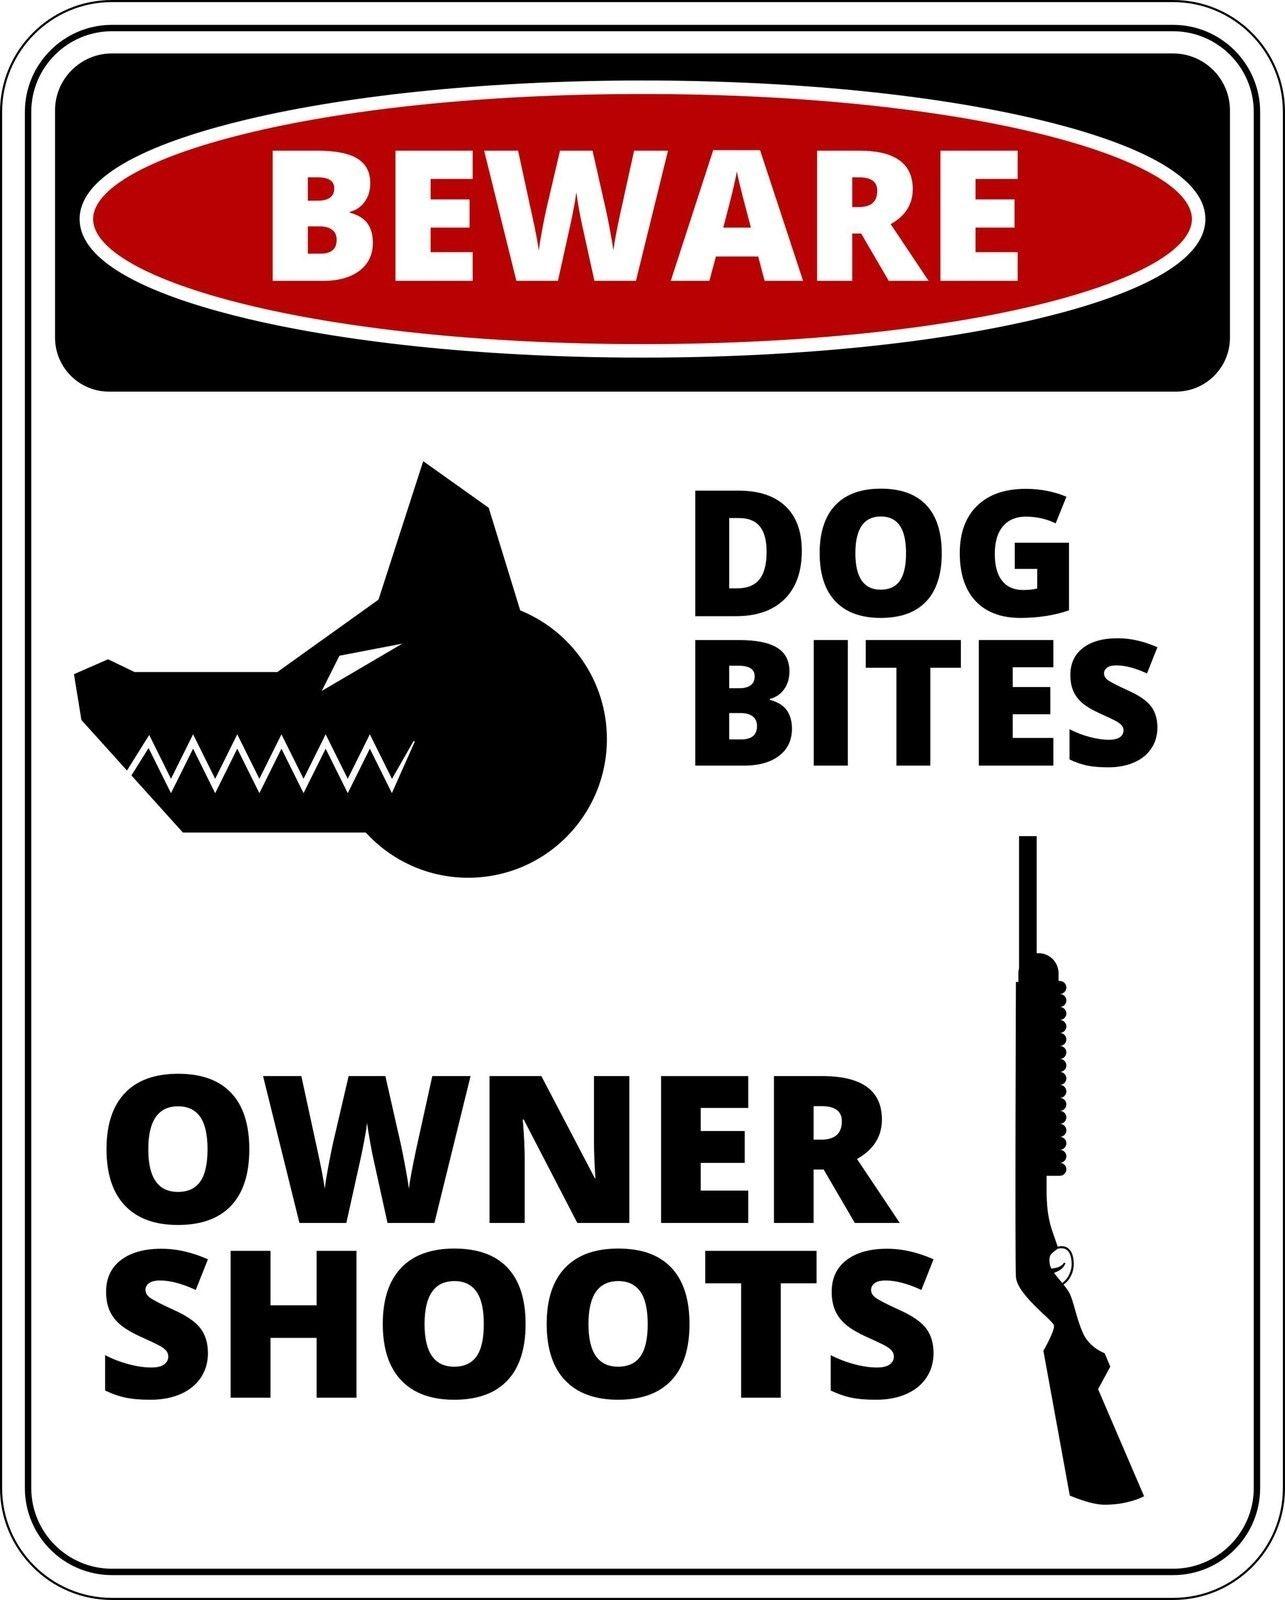 funny warning sign dog bites owner shots sticker self